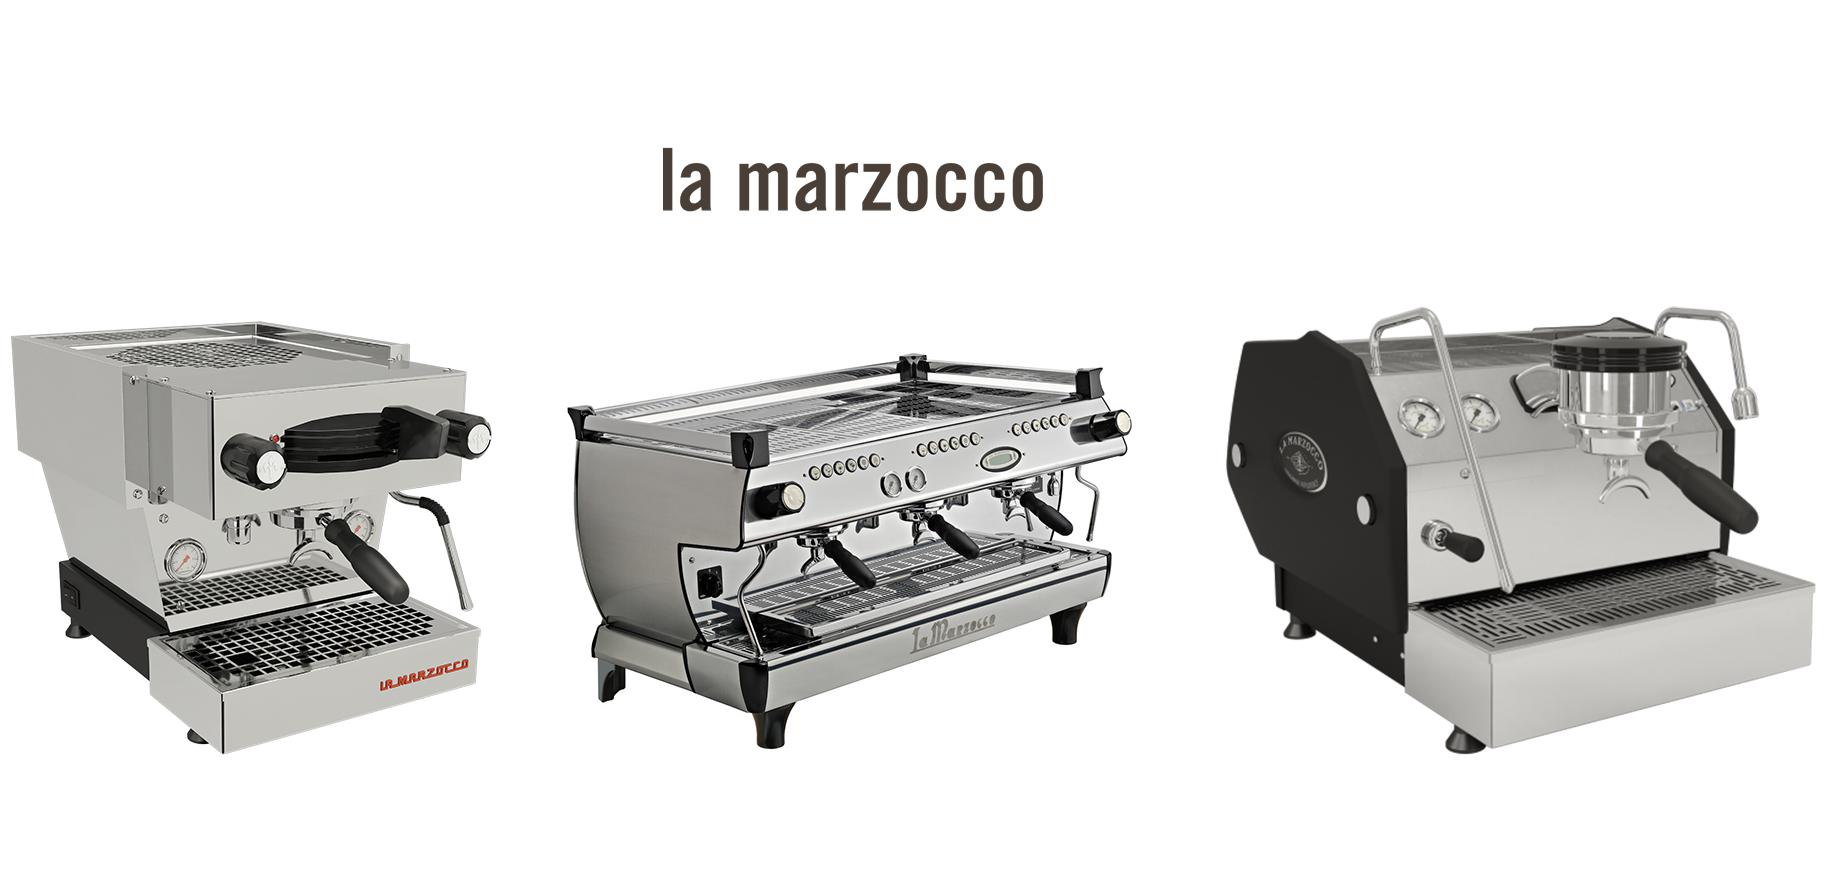 ماهي افضل ماكينة قهوة لامارزوكو وكيف تختار؟